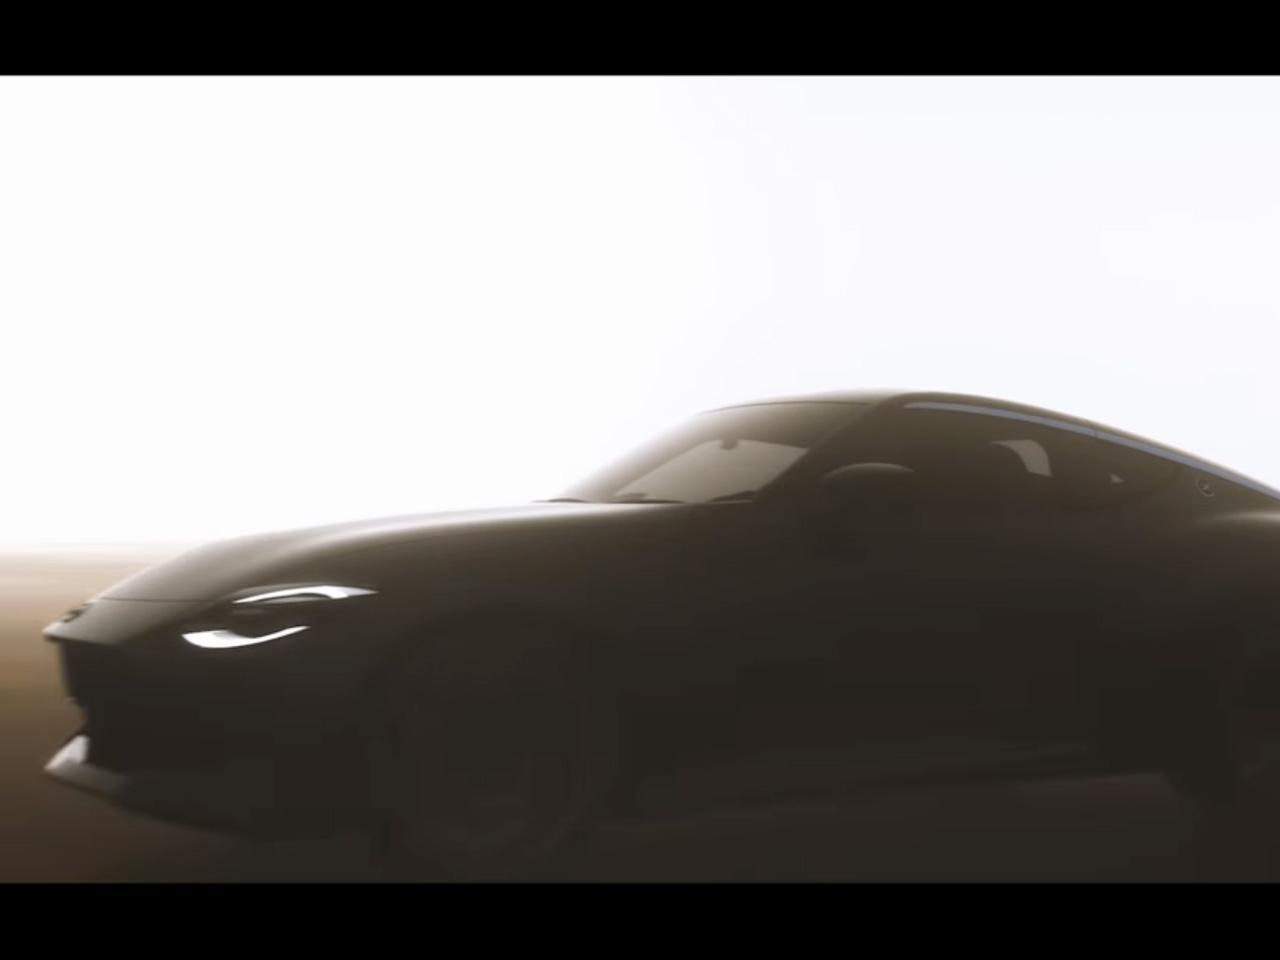 【動画】次期フェアレディZの姿を確認。日産が計画する次期モデル12車種の映像を公開した